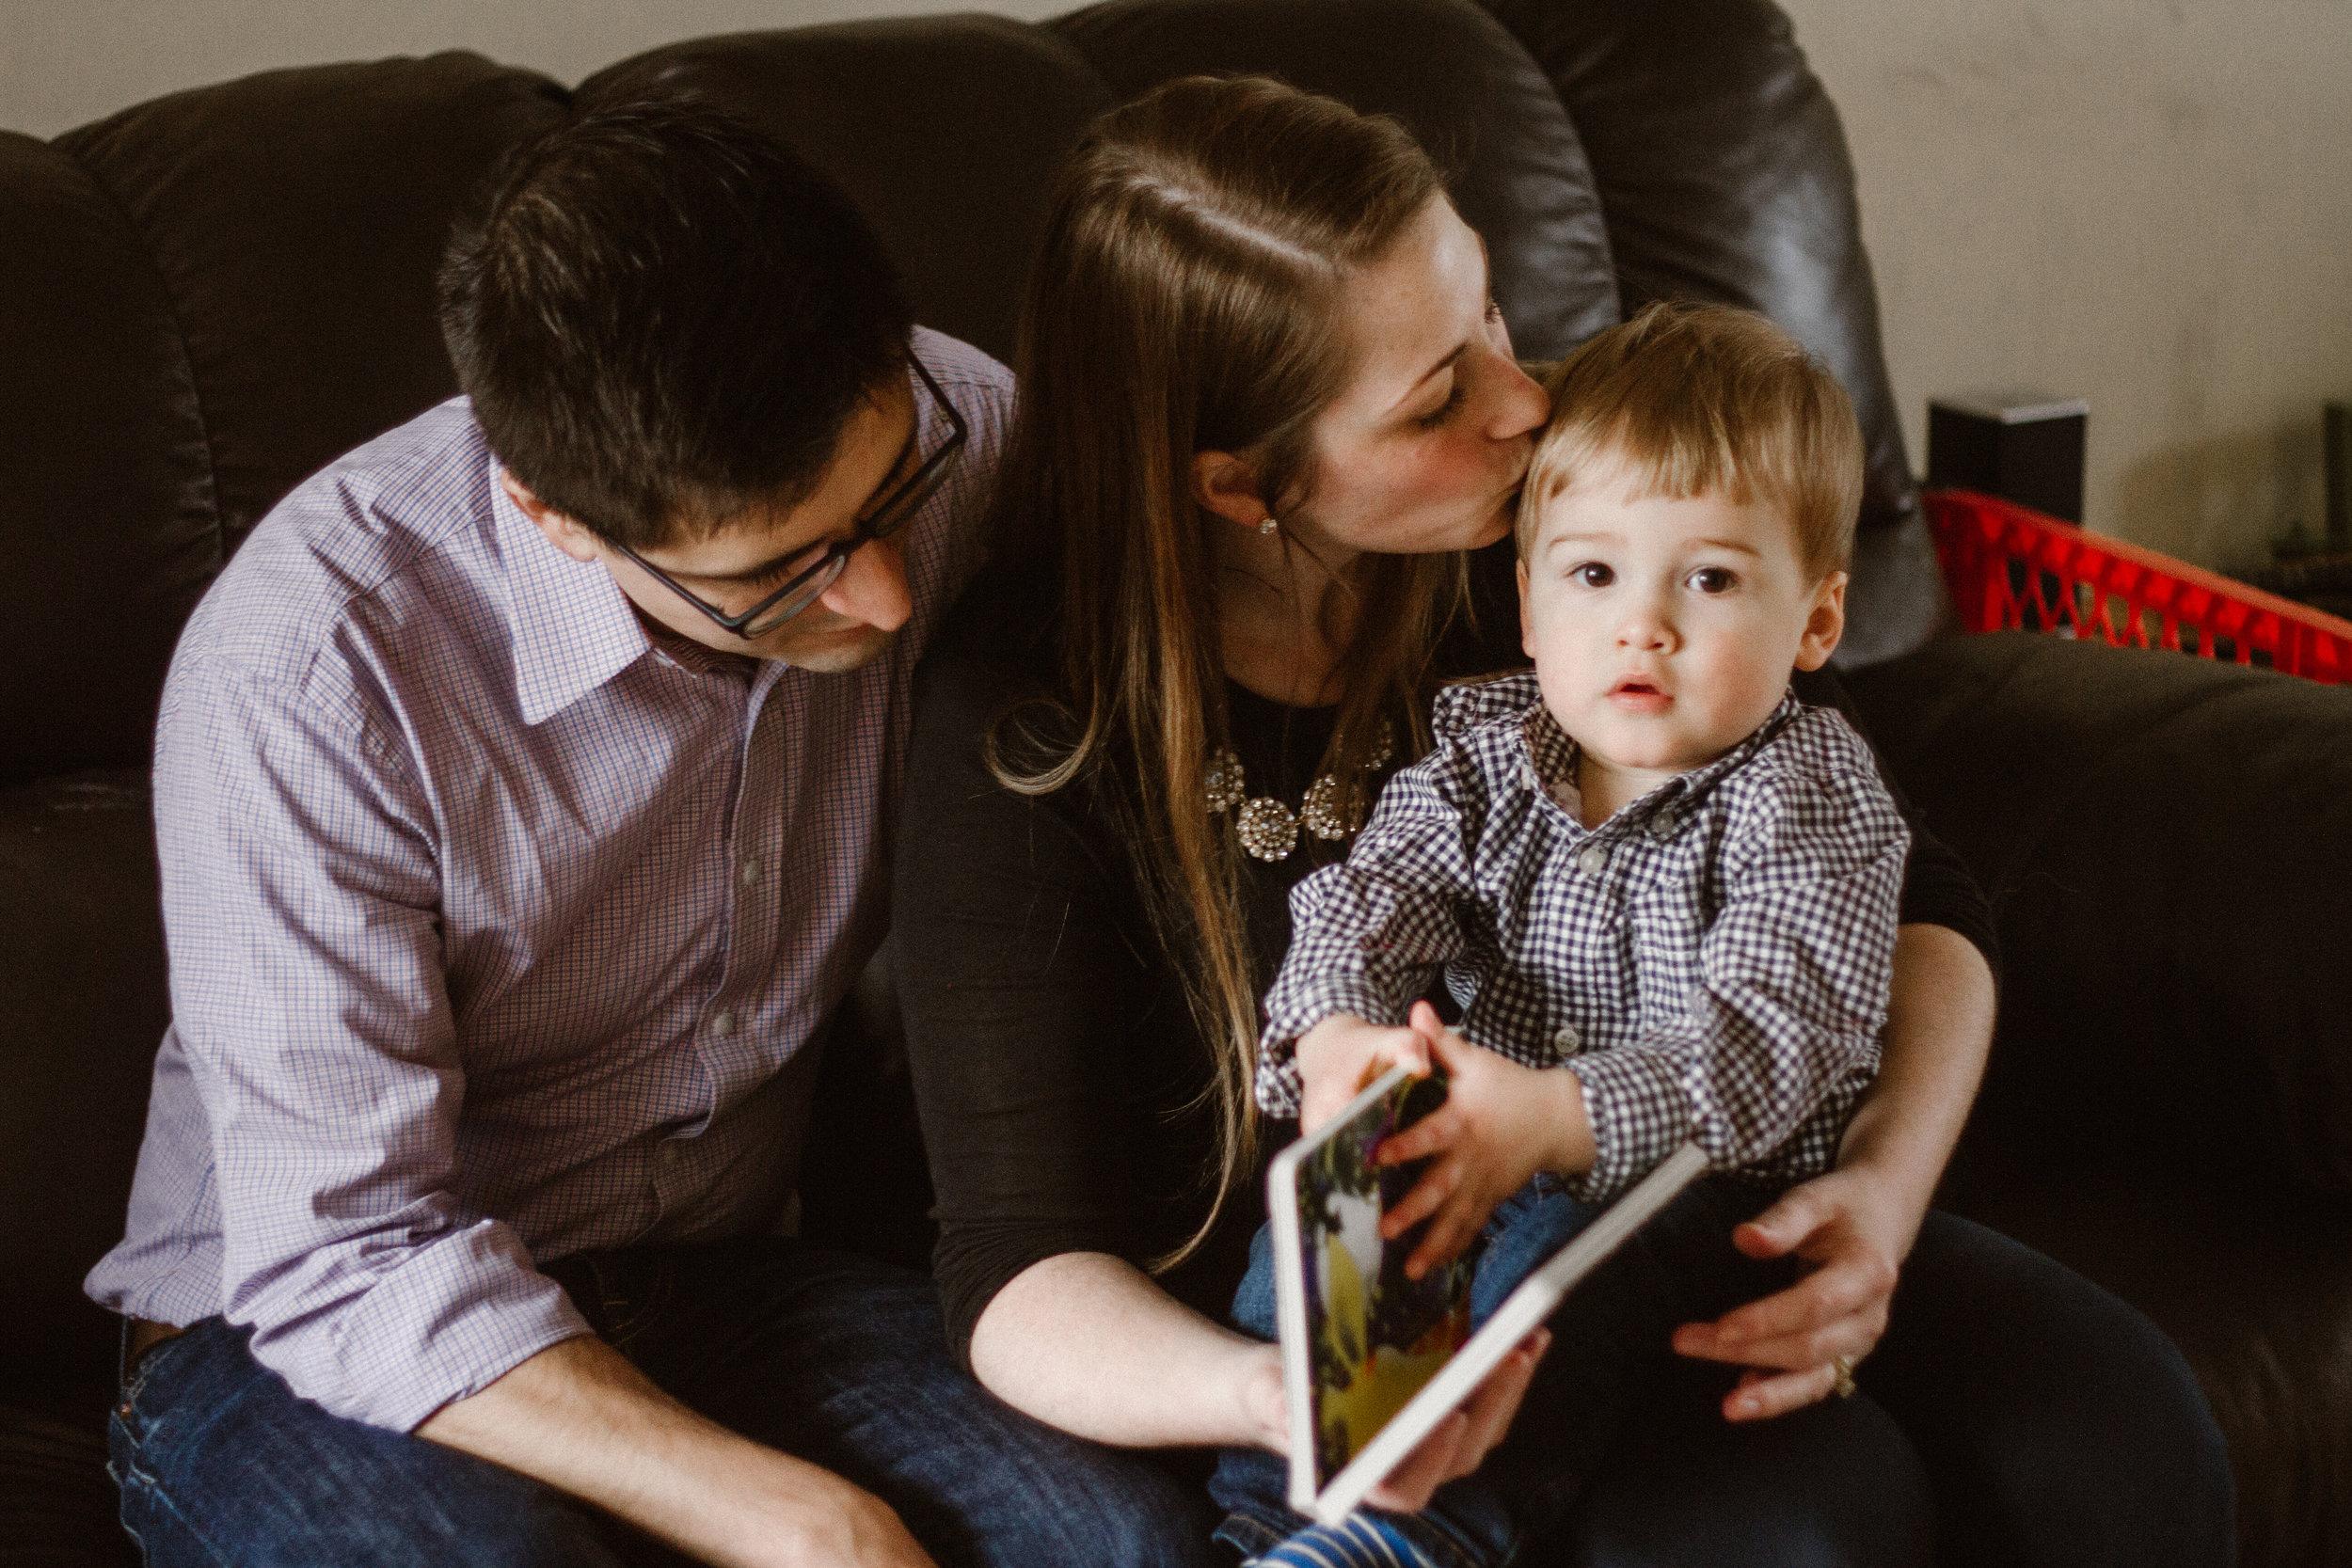 Massachusetts Family Photographer, Medford Massachusetts, Shannon Sorensen Photography, Connecticut Family Photographer, Newington Connecticut, New England Family Photographer,